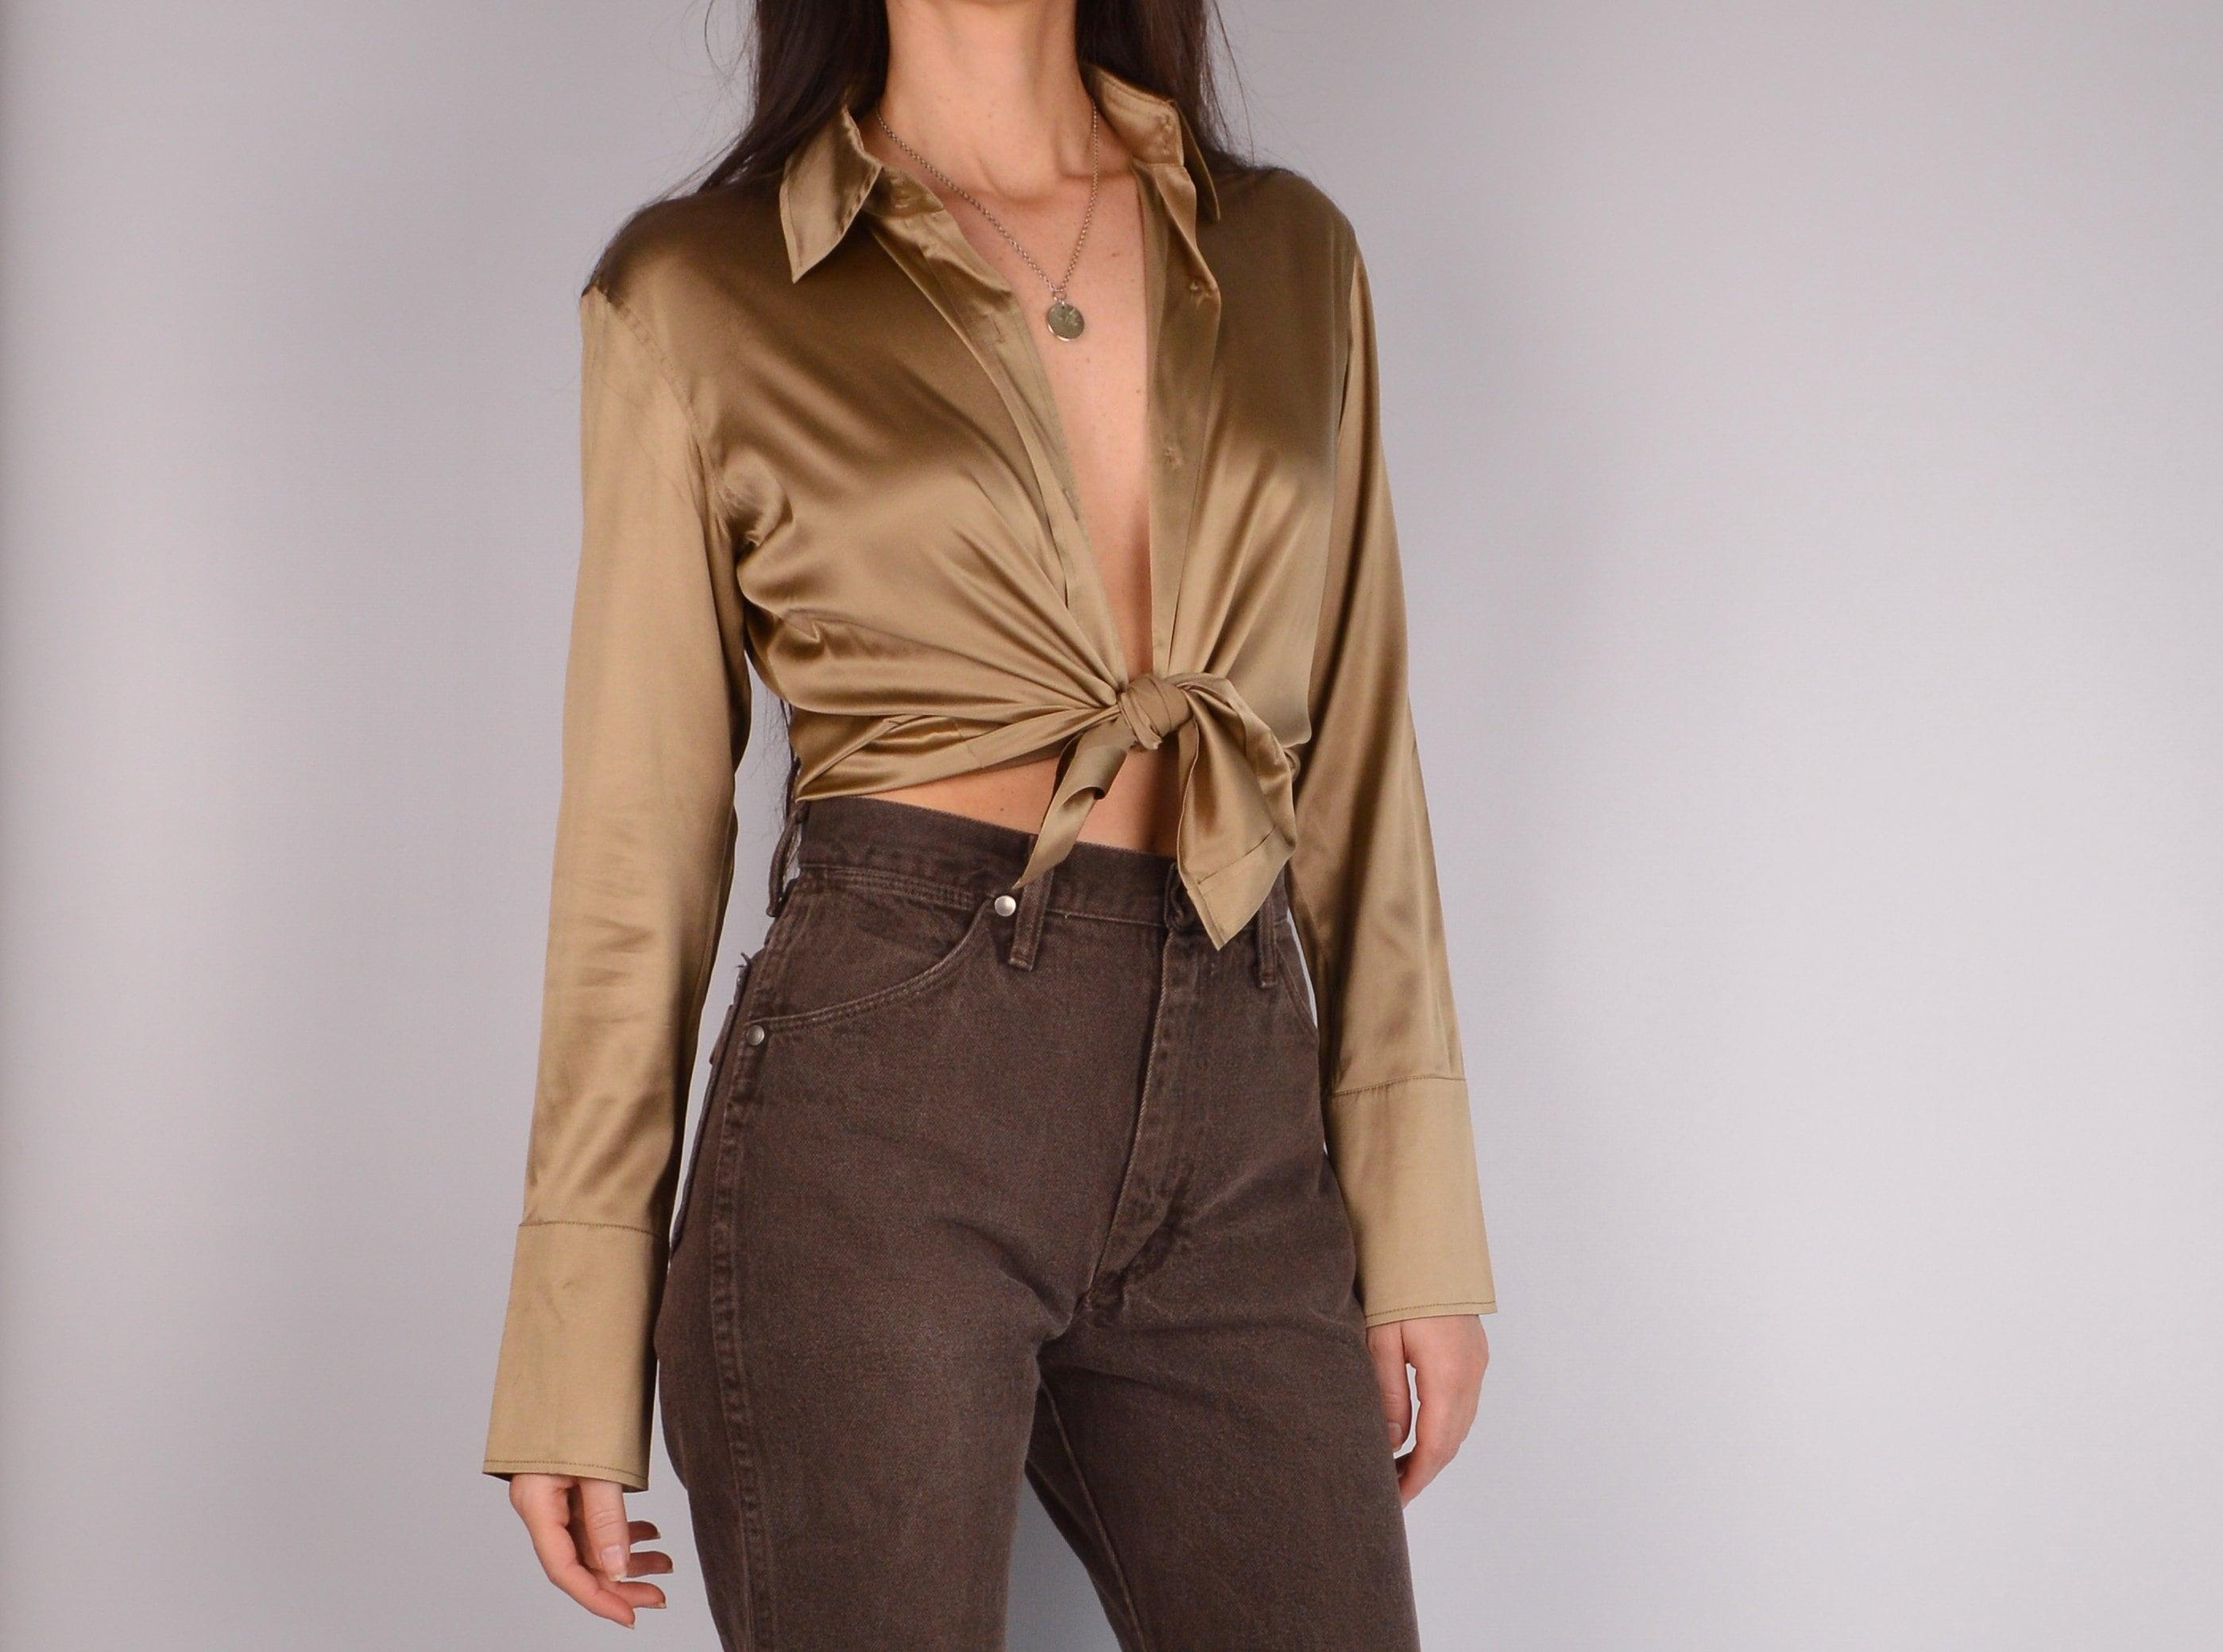 1a51e305d4f10 Bronze silk button up blouse jpg 2798x2079 Silk buttons